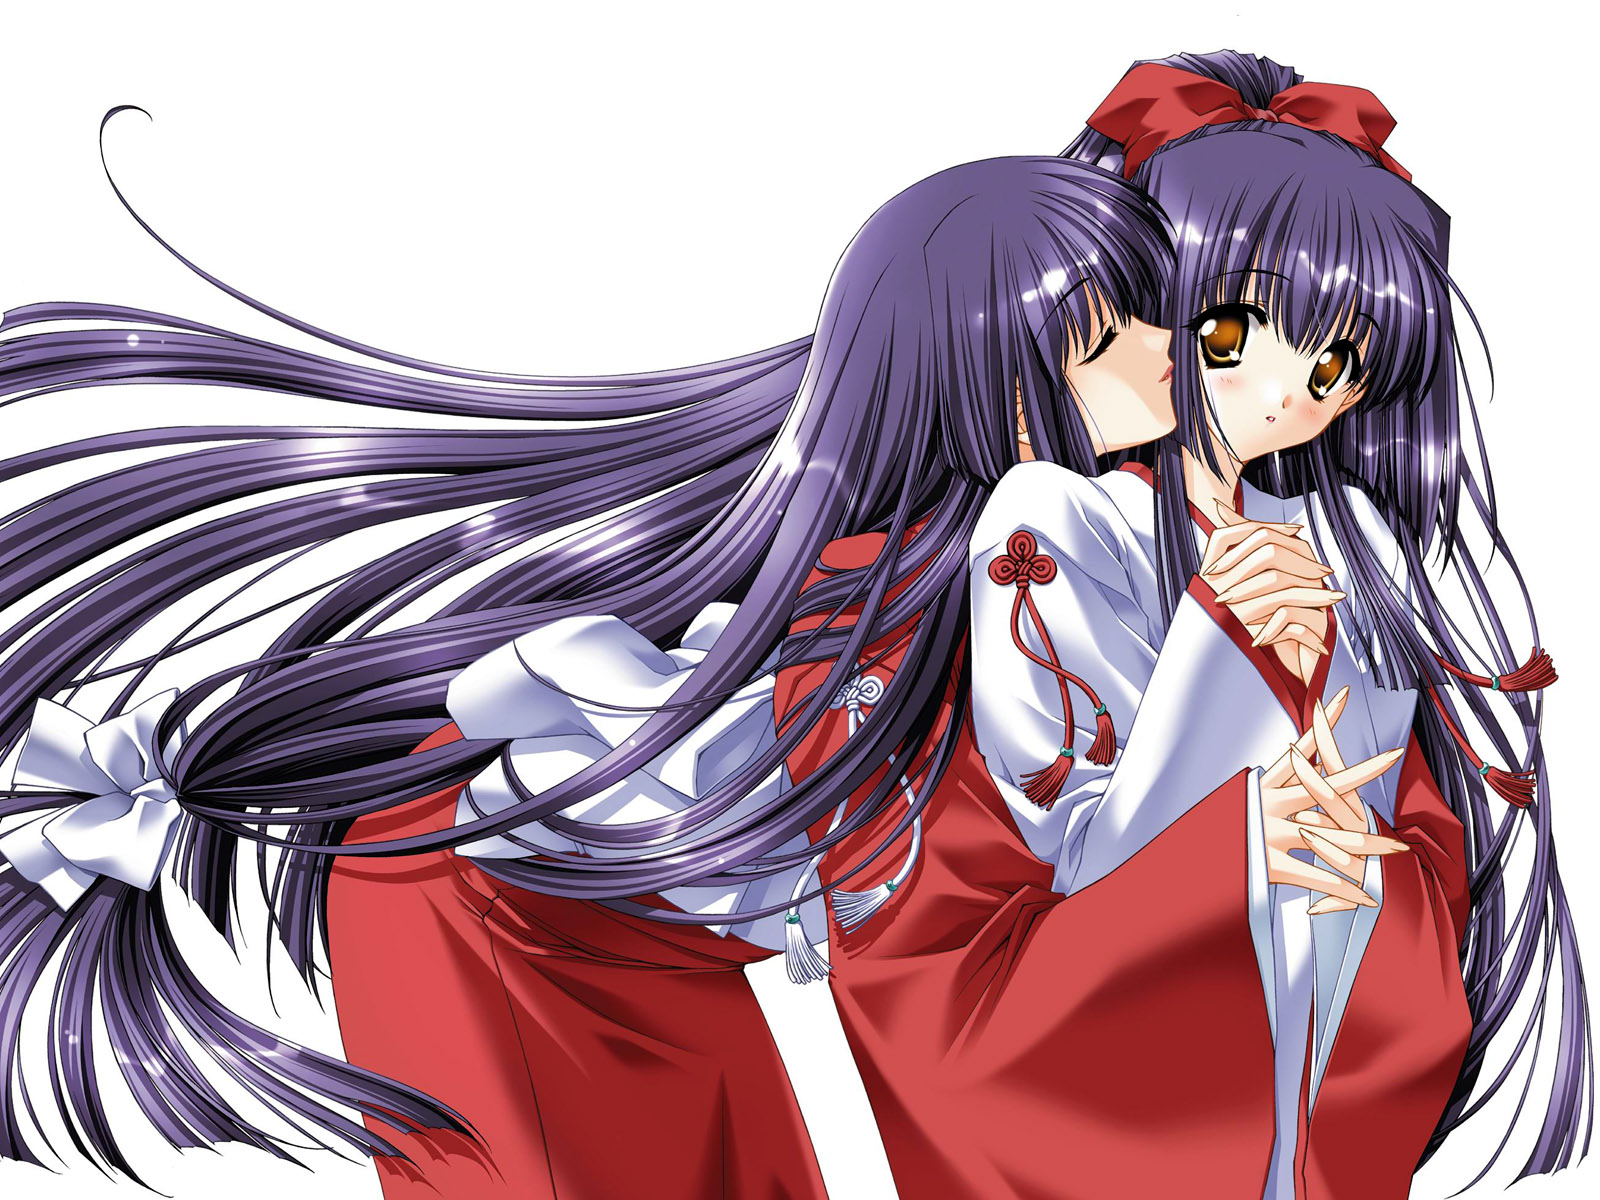 hot anime girls wallpapers hot anime girls wallpapers hot anime girls